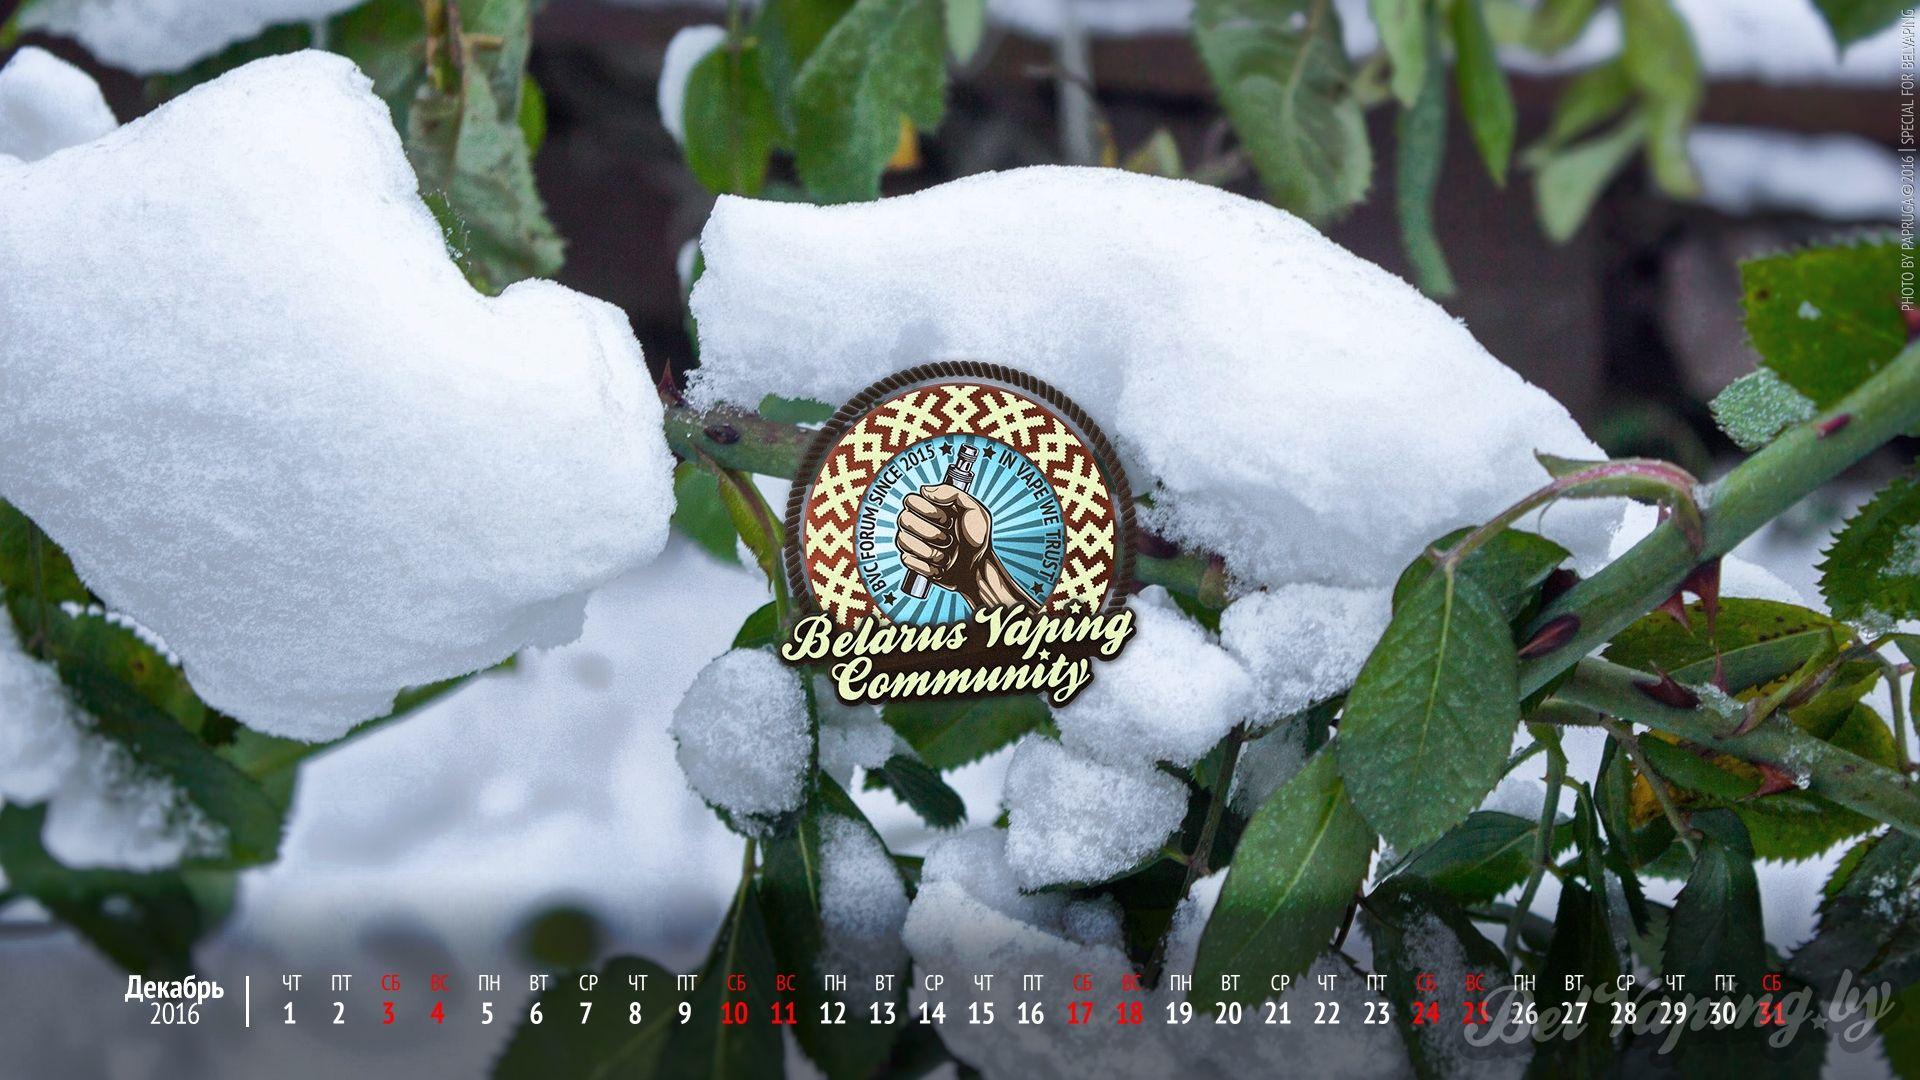 Обои BelVaping от Papruga и календарь на декабрь